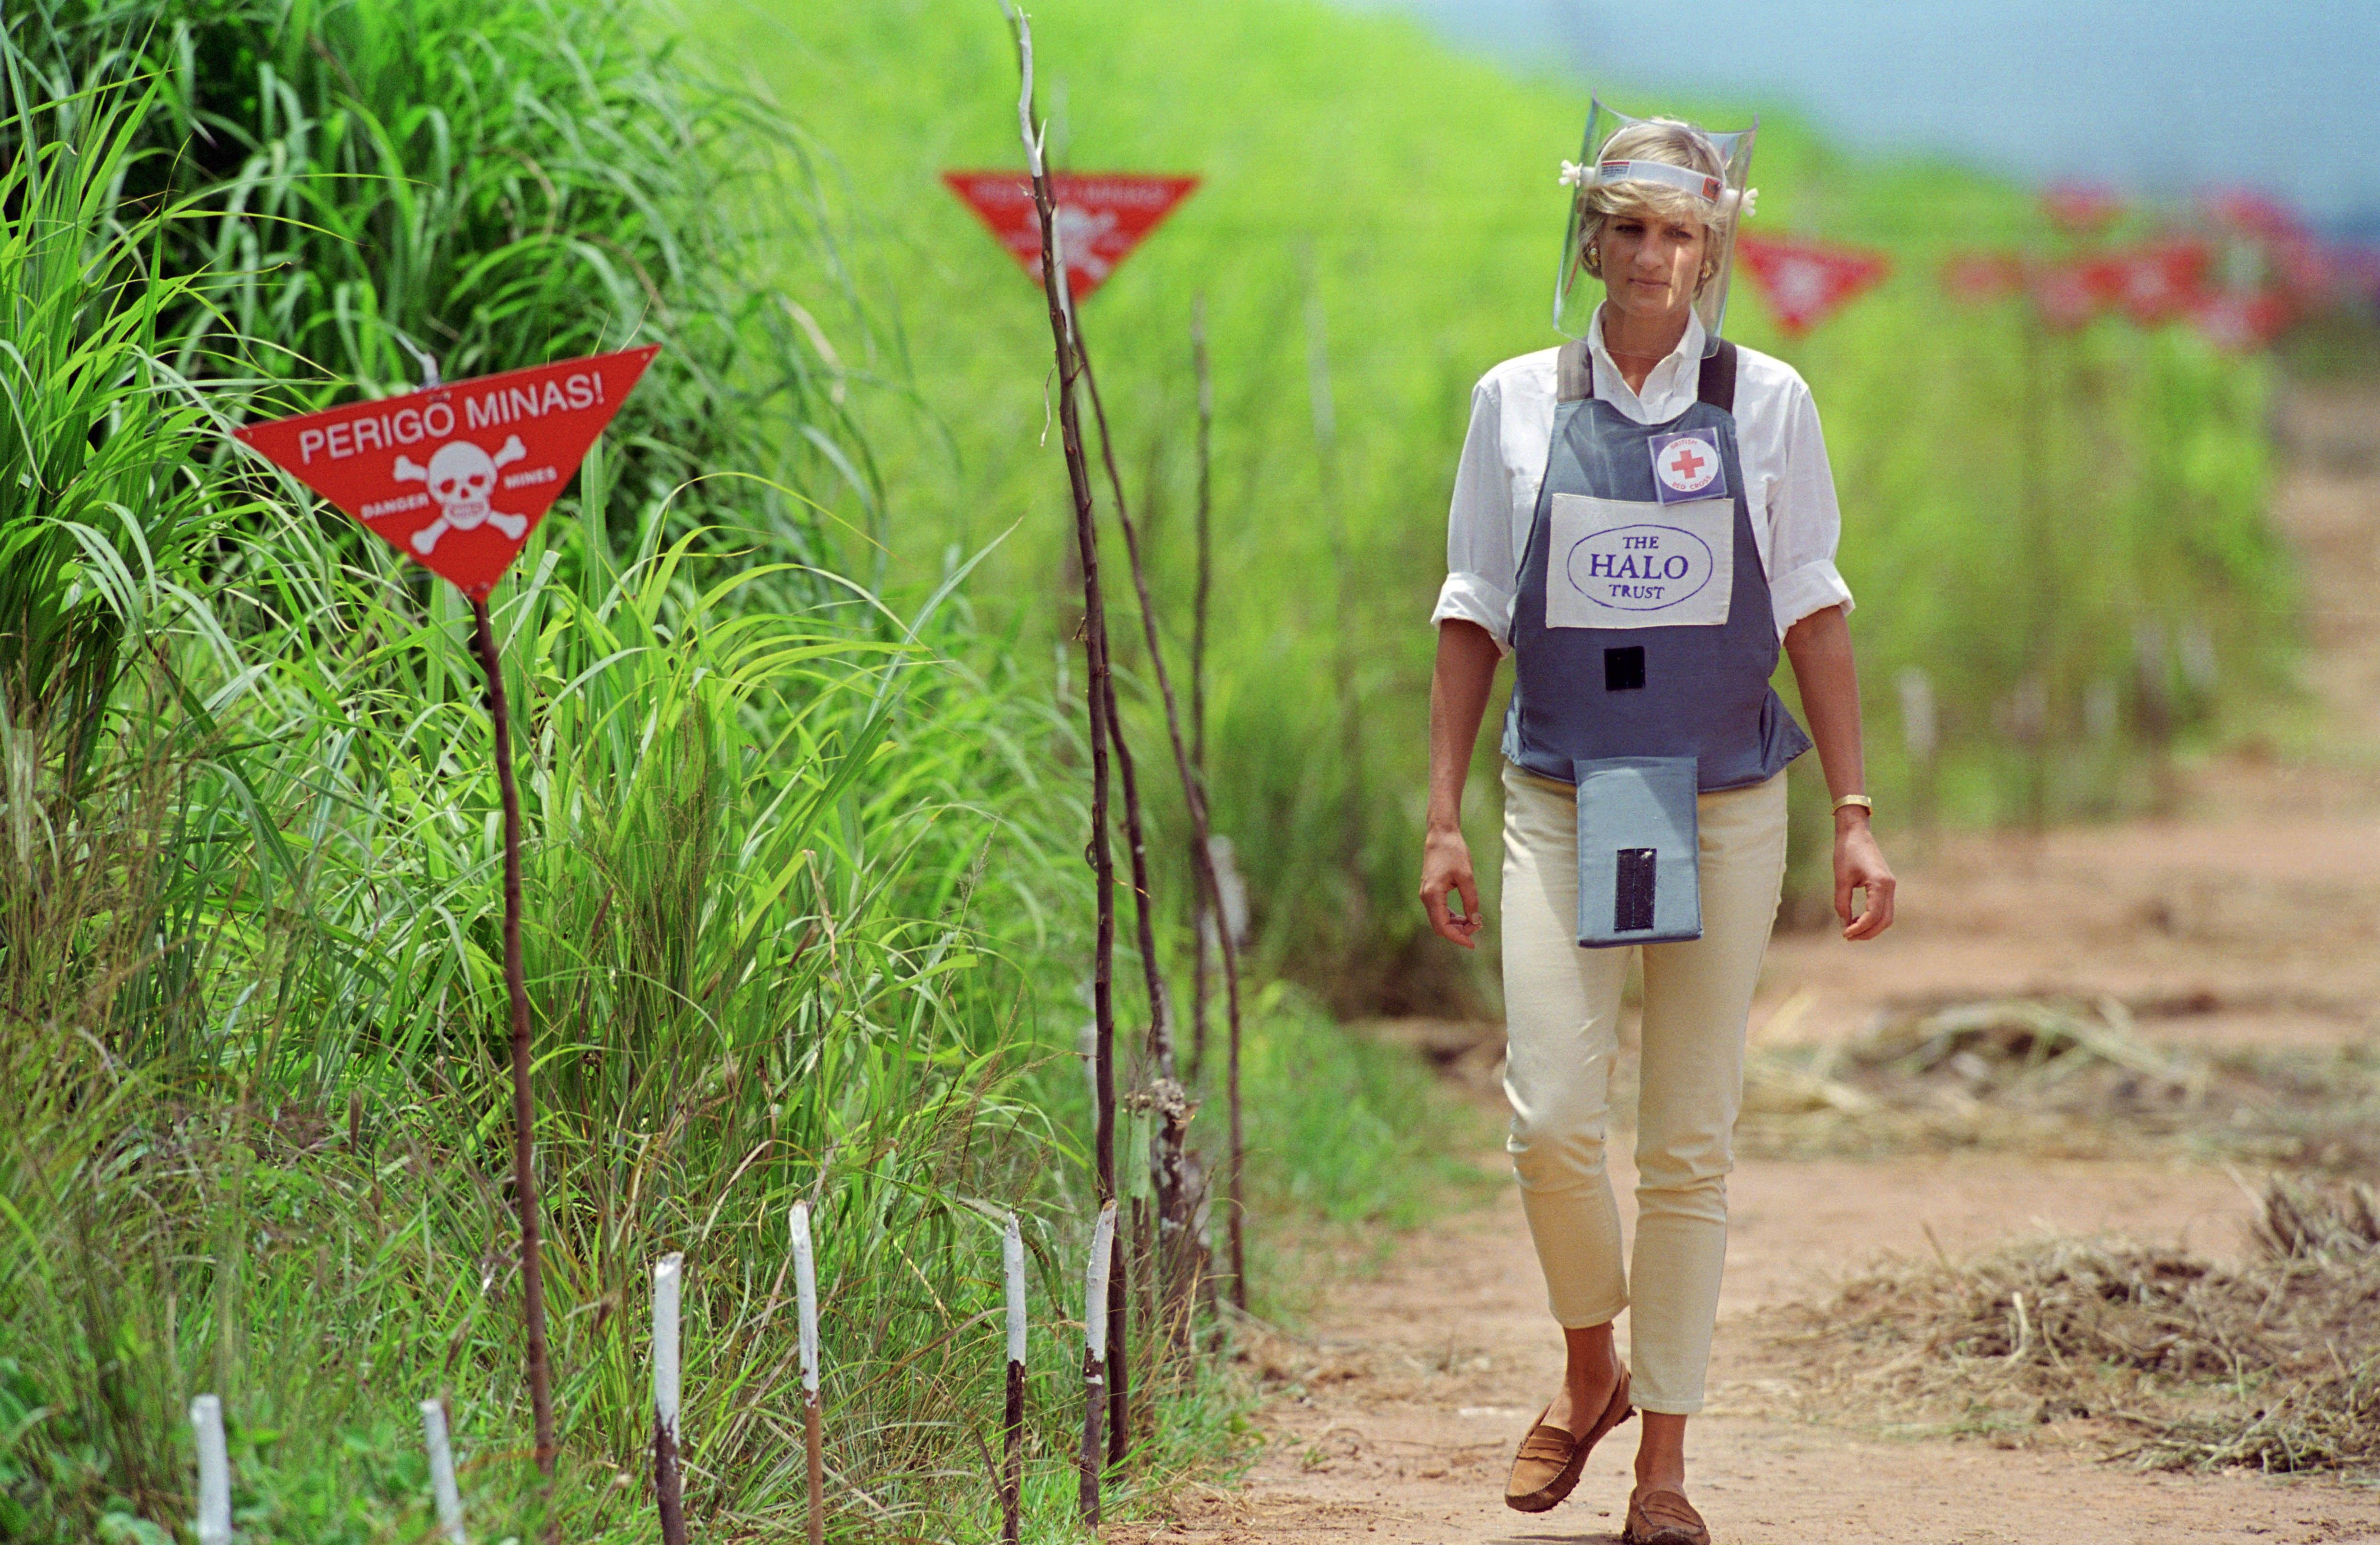 Princesa Diana caminha por campo de minas terrestres na Angola